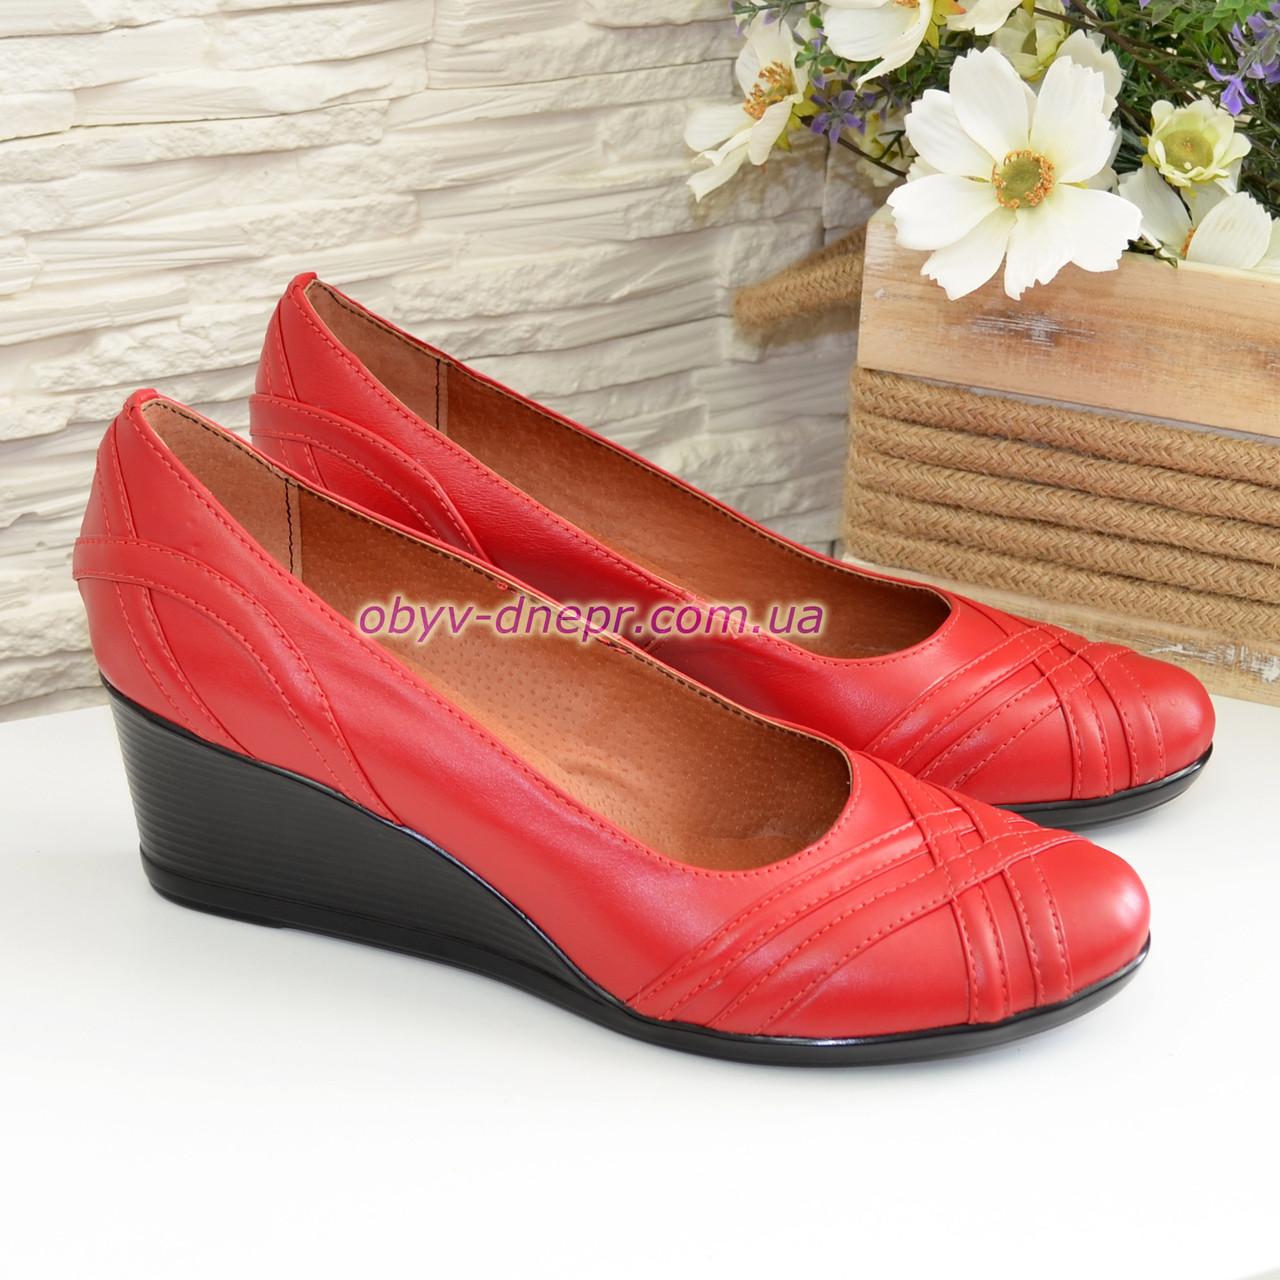 """Женские кожаные туфли на танкетке, цвет красный. ТМ """"Maestro"""""""